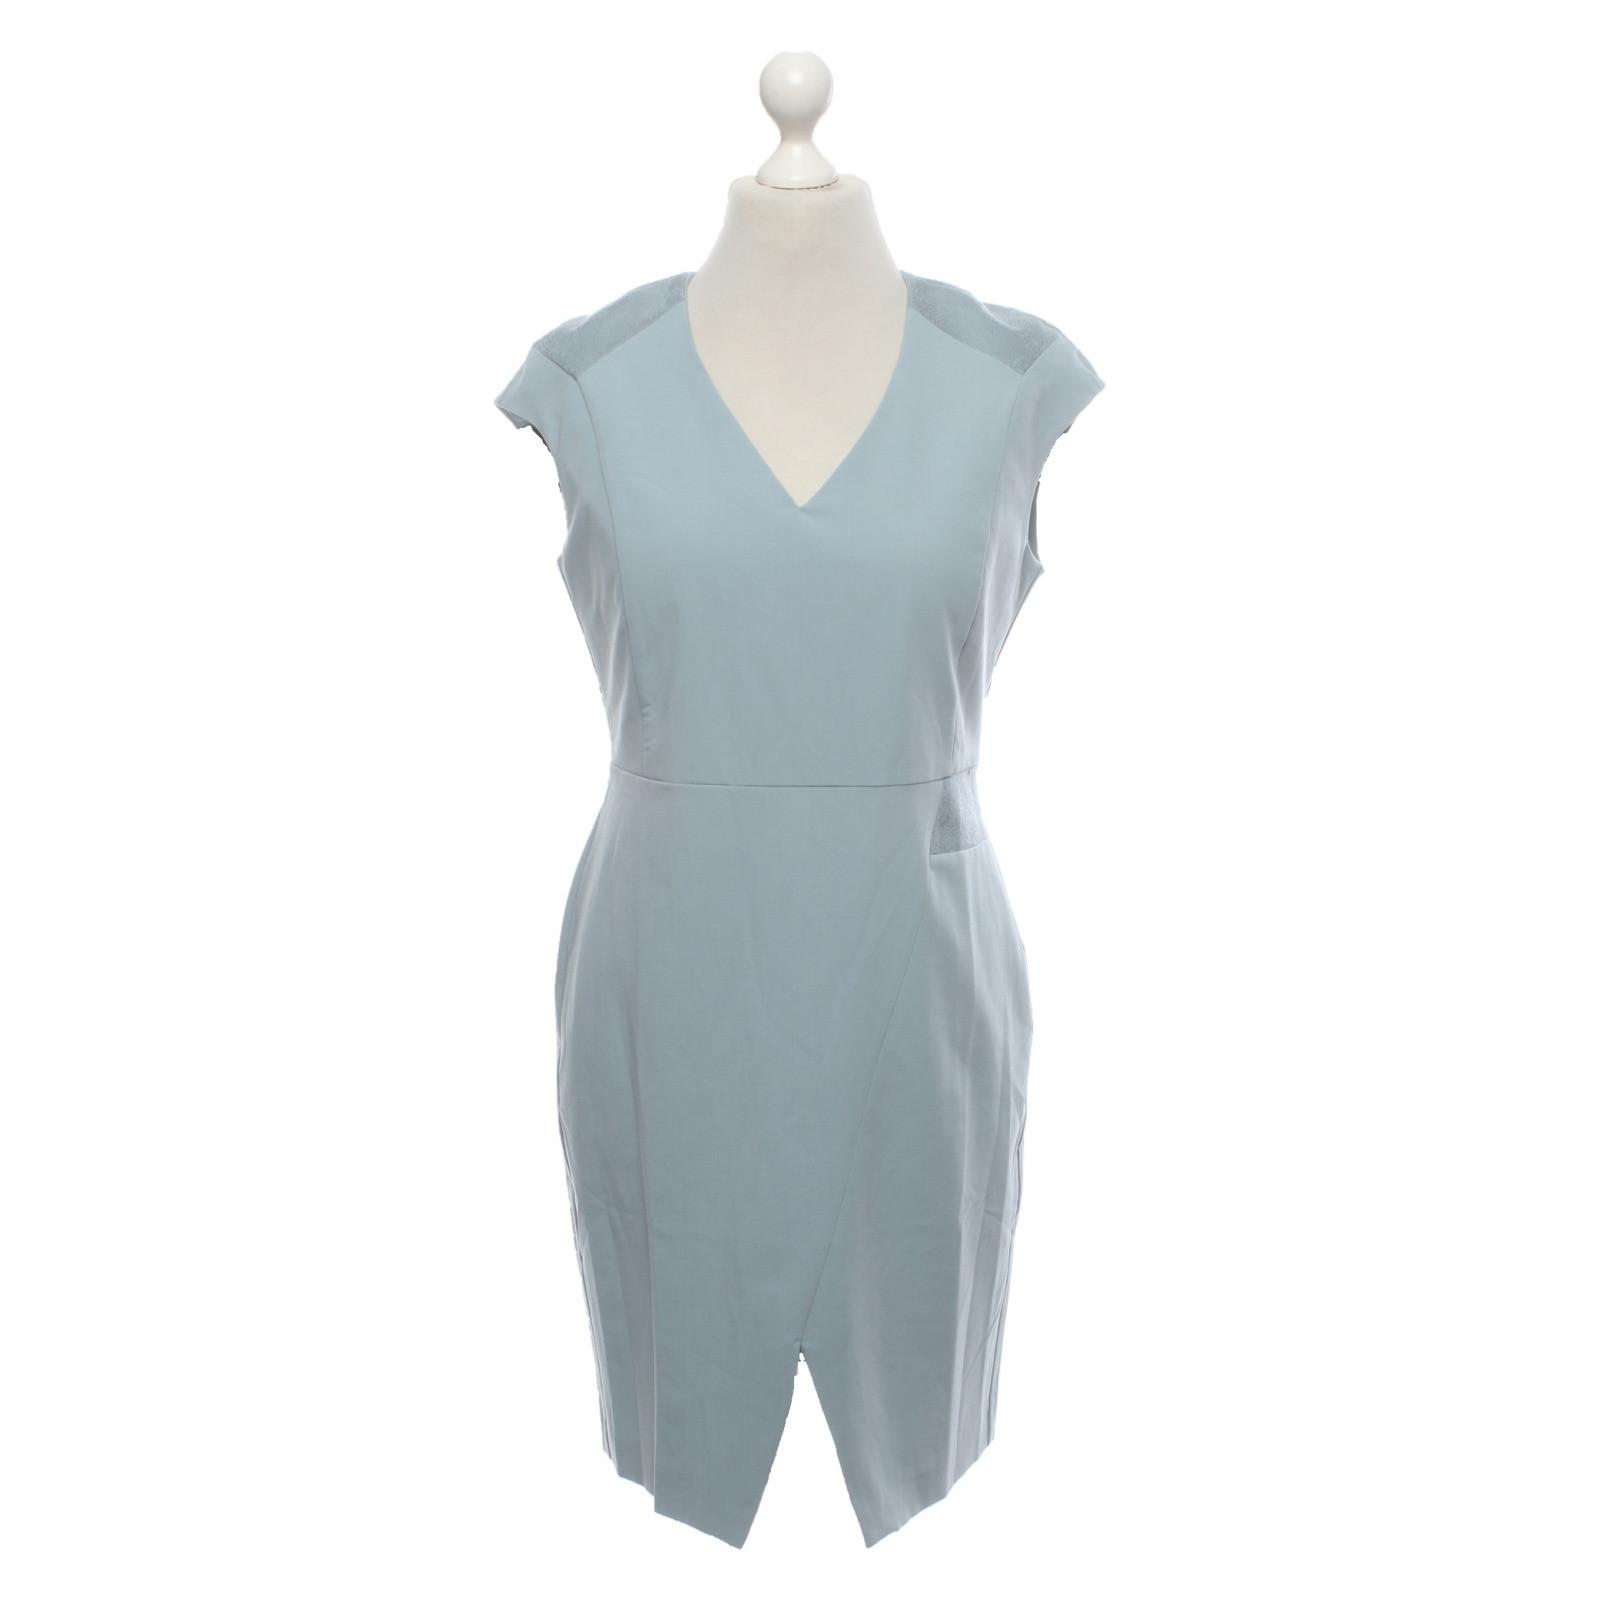 Guido Maria Kretschmer Kleid In Turkis Second Hand Guido Maria Kretschmer Kleid In Turkis Gebraucht Kaufen Fur 79 6242731